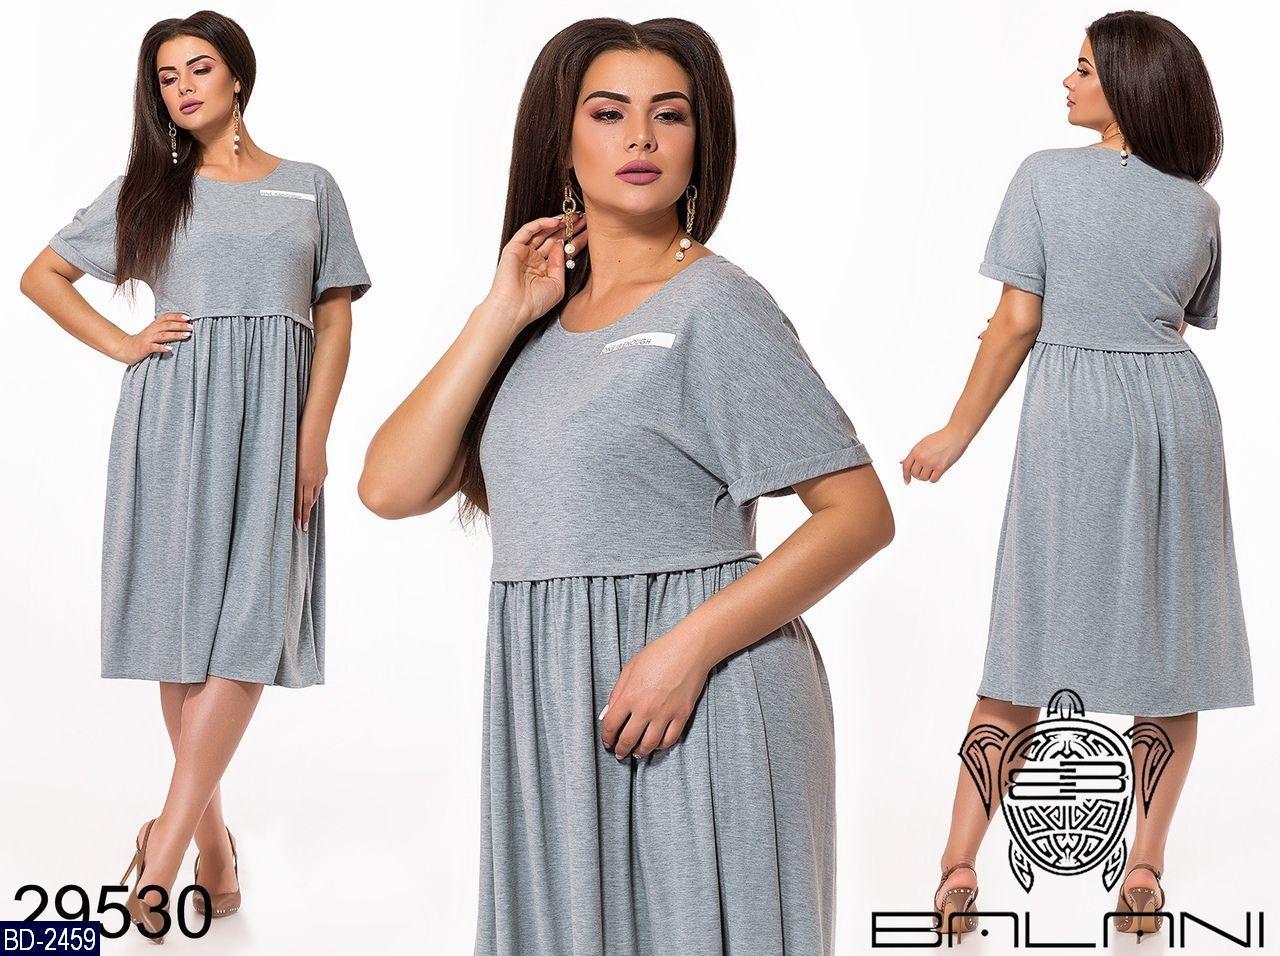 Платье BD-2459